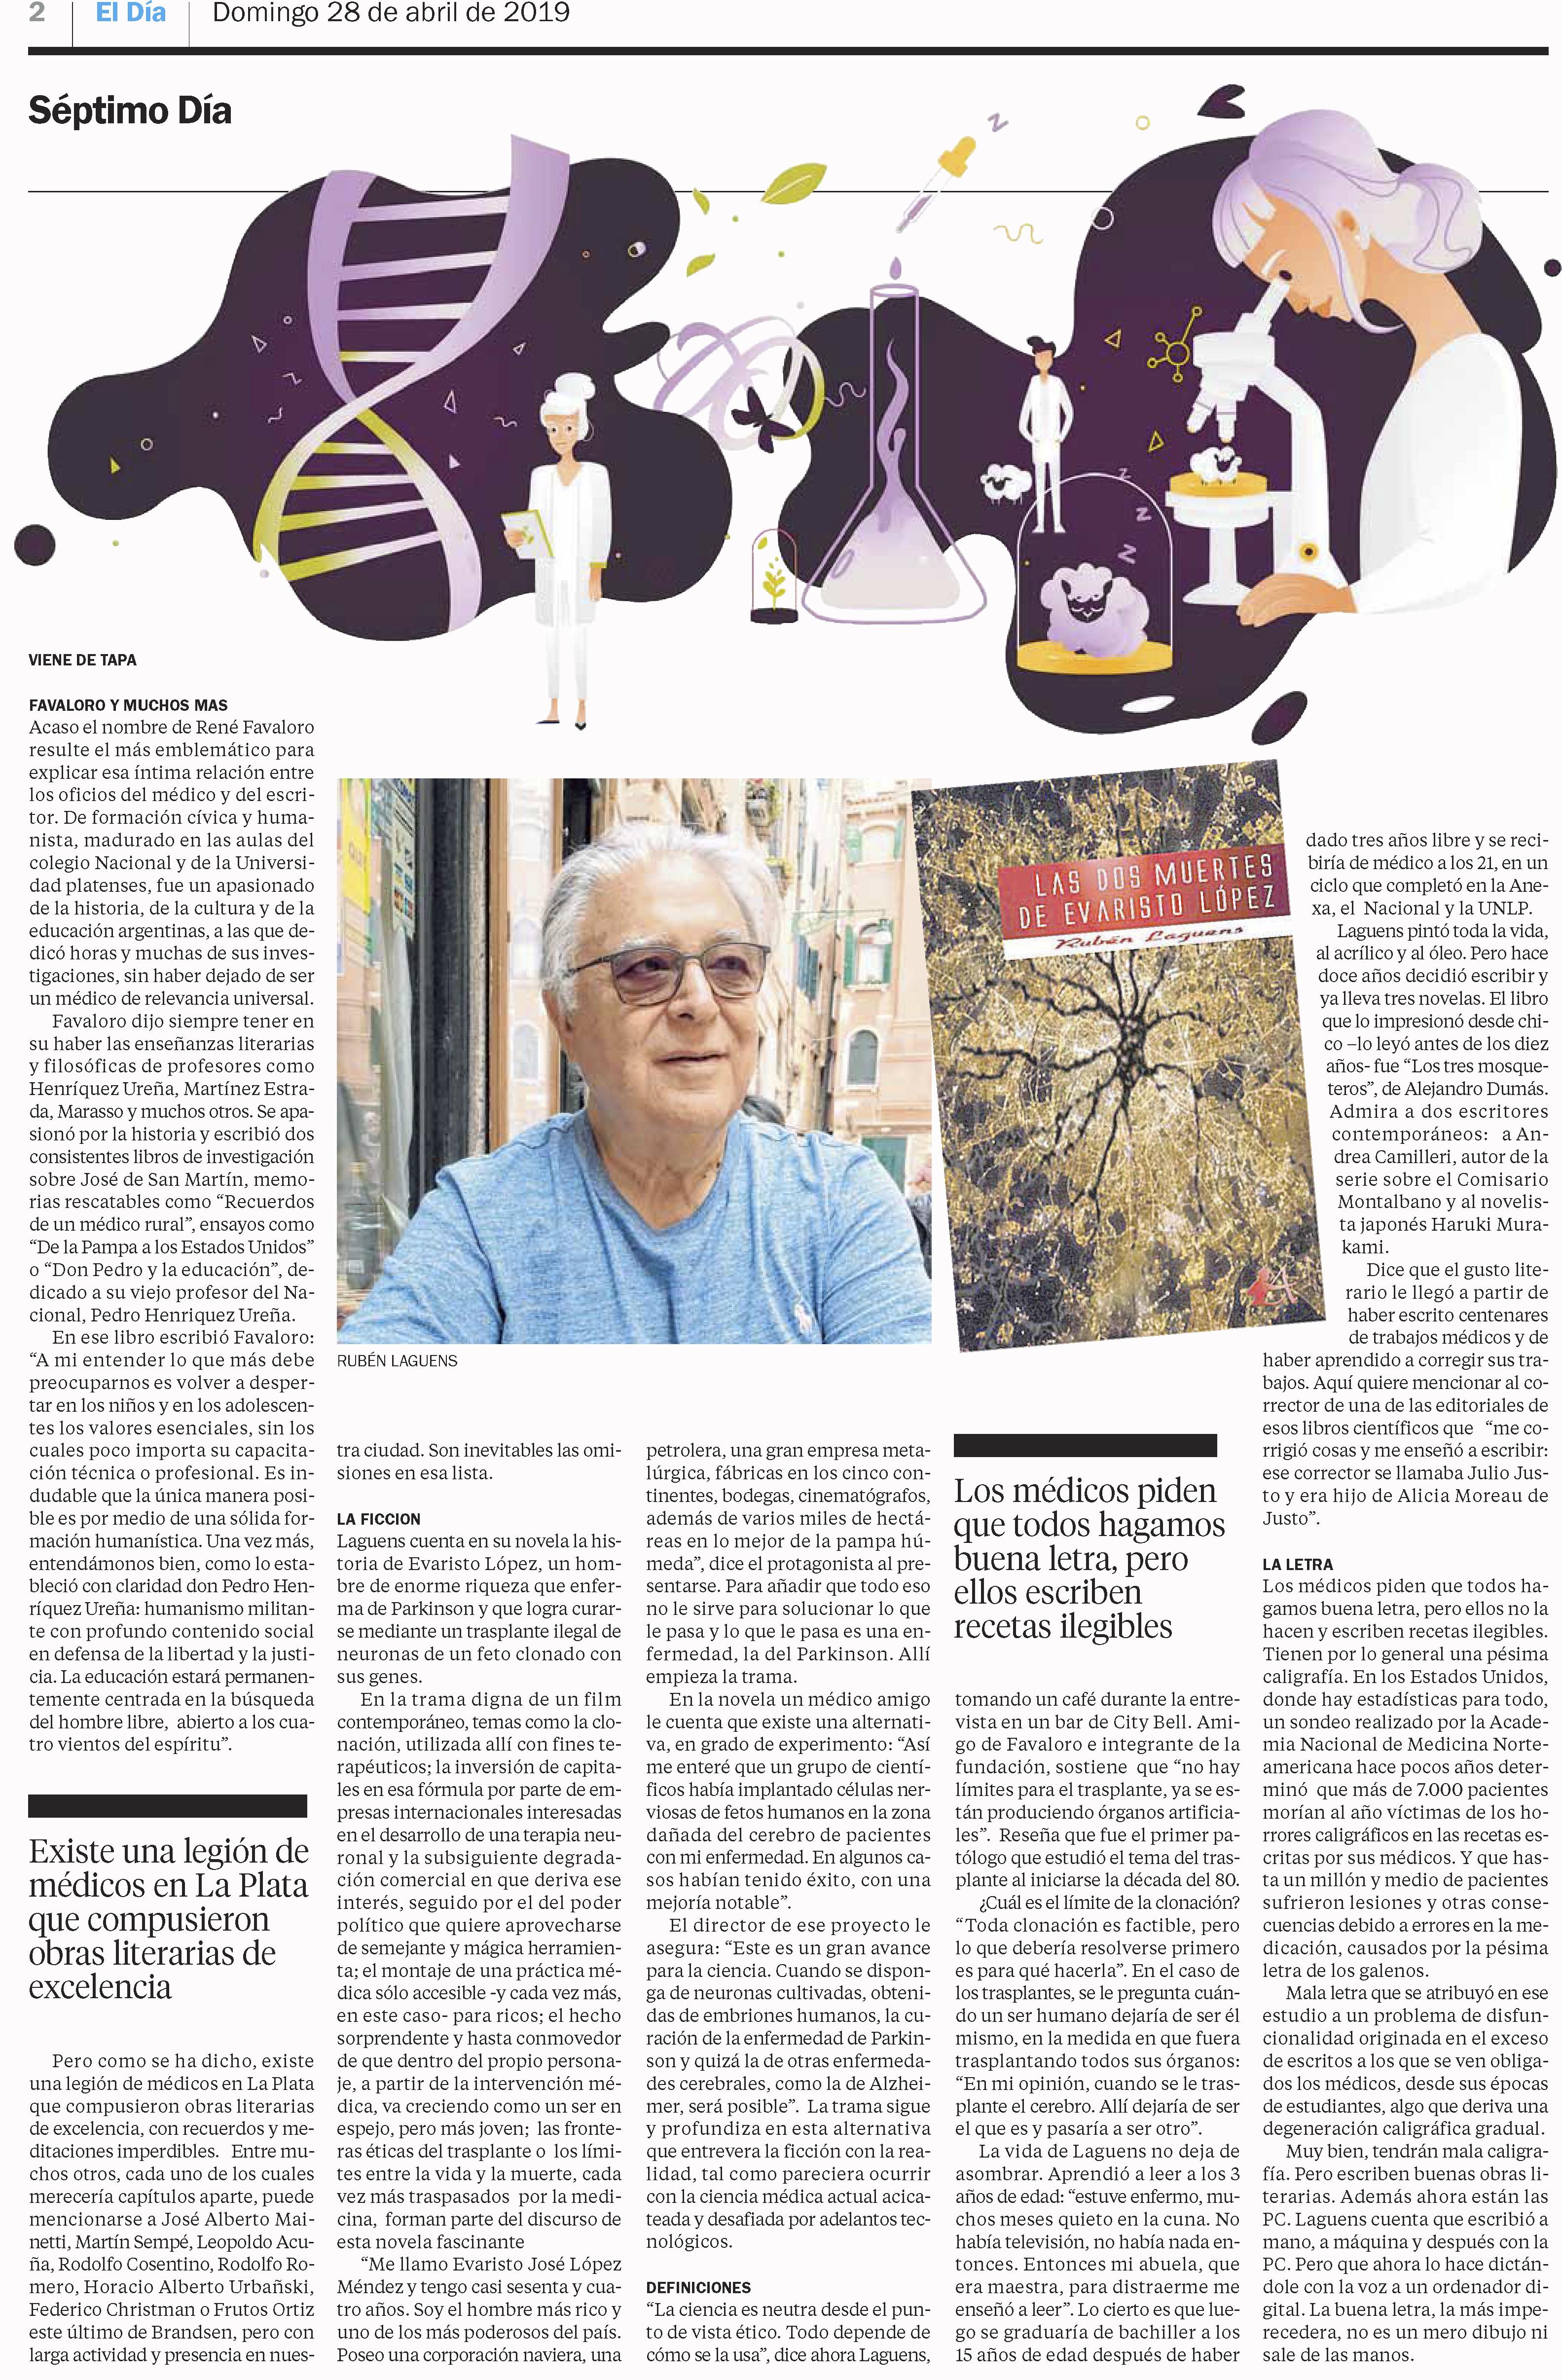 Artículo en diario El día de la Plata Ruben Laguens Las dos muertes de Evaristo López. Editorial Adarve, Editoriales que aceptan manuscritos